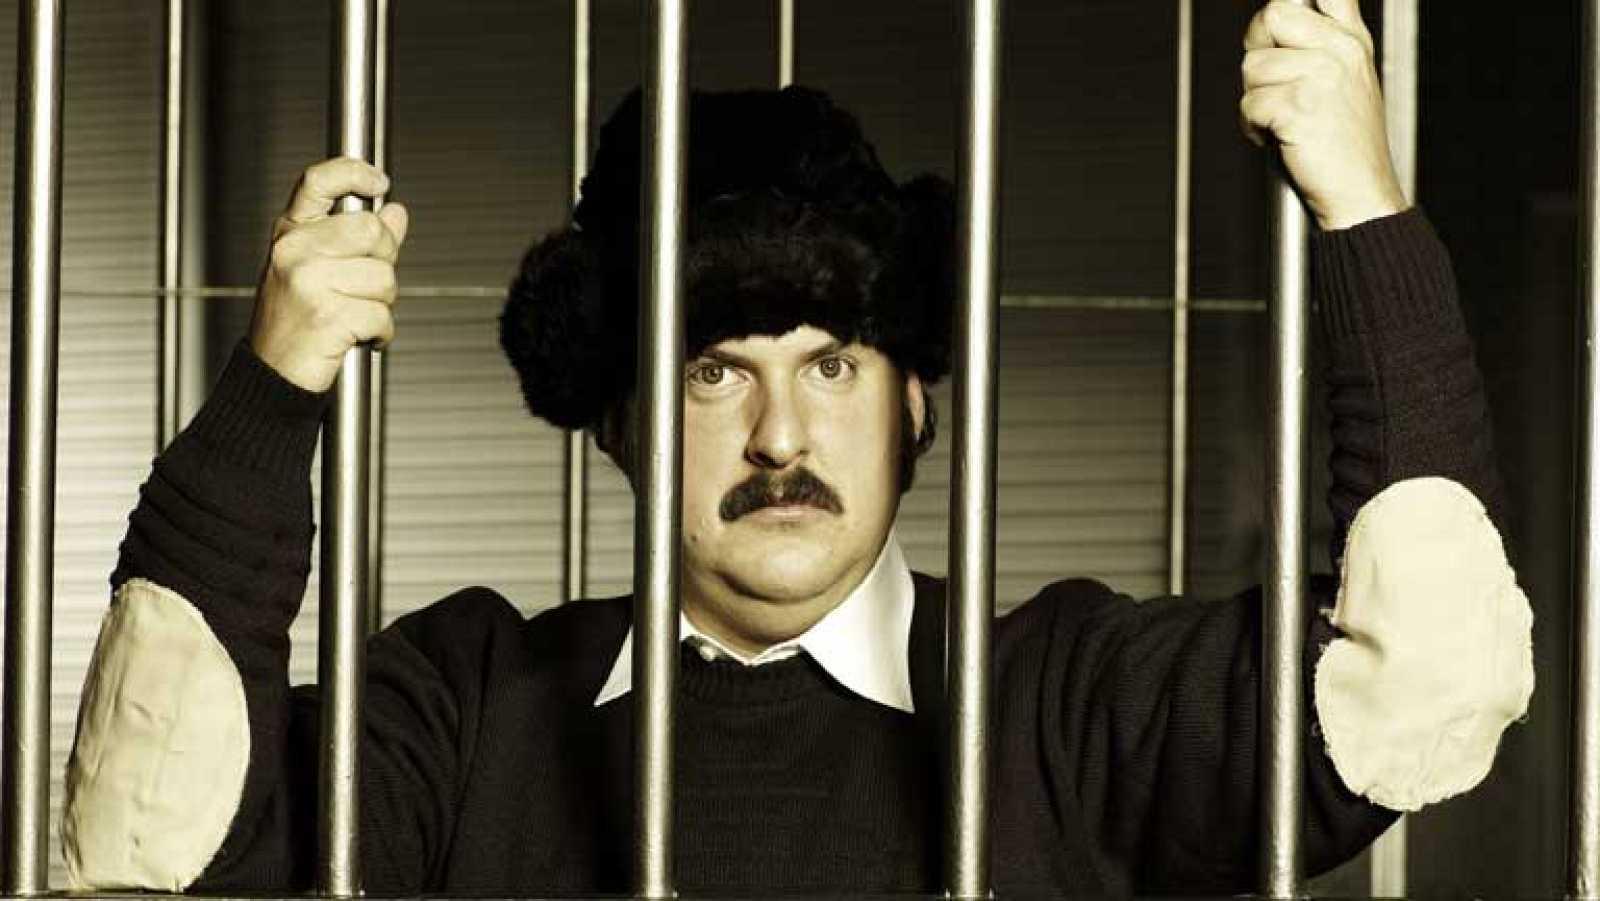 Pablo Escobar retratado en una serie colombiana